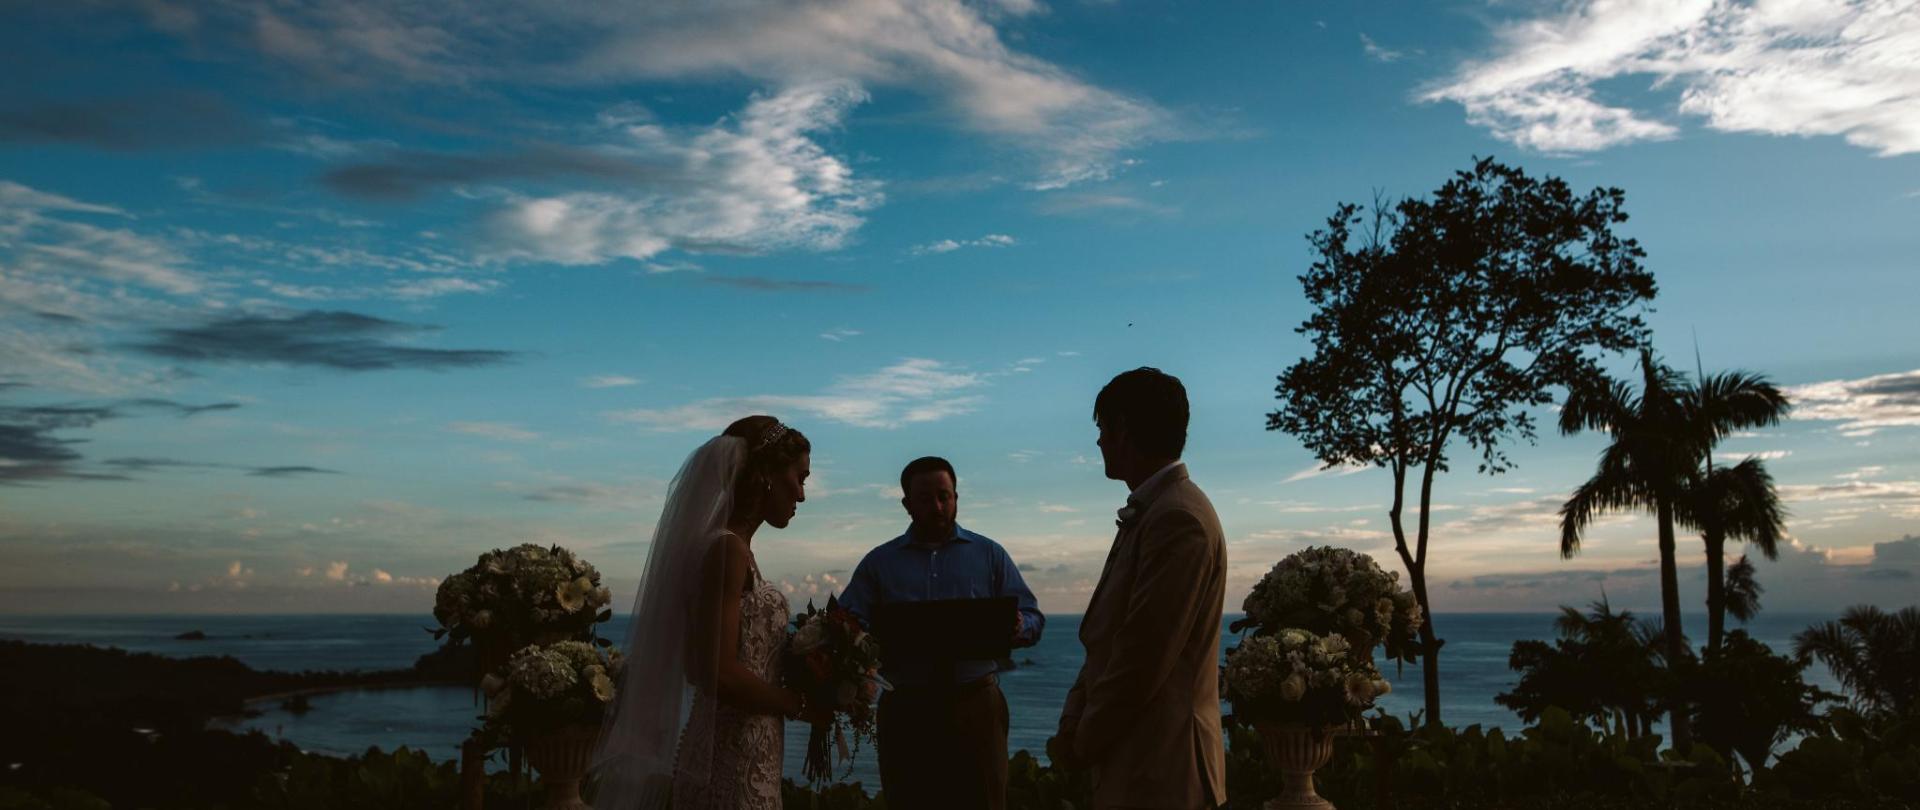 weddings at la mariposa hotel, manuel antonio, costa rica, weddinf destination in costa rica.jpg